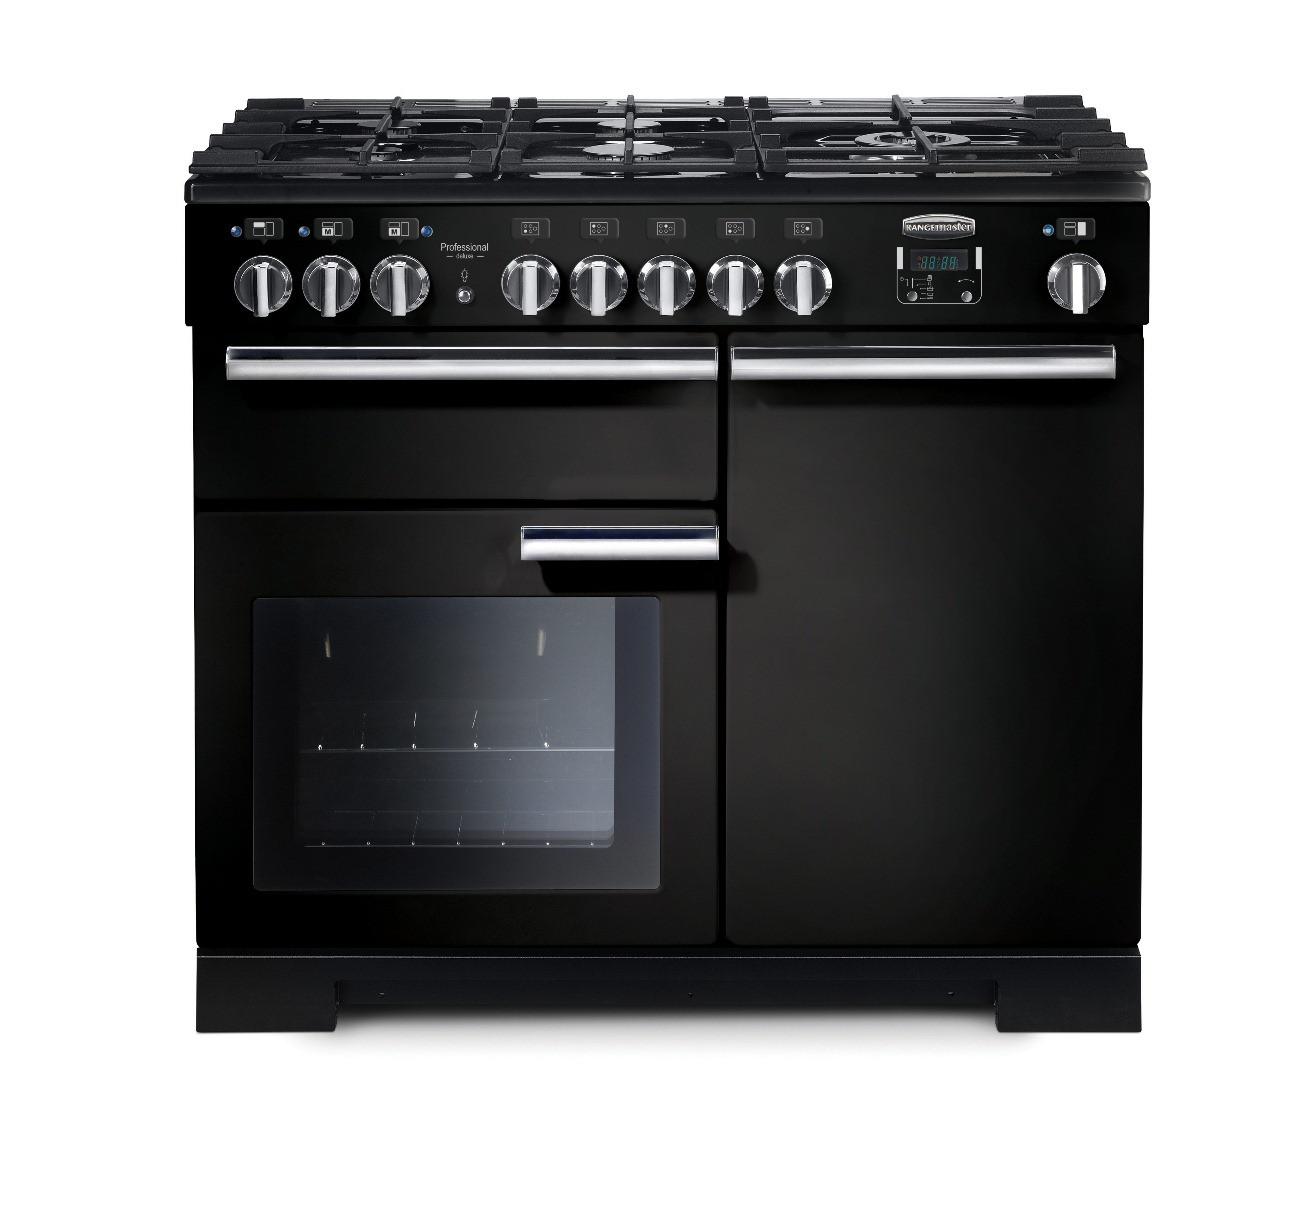 Rangemaster Professional Deluxe 100 Dual Fuel Black Range Cooker 97560